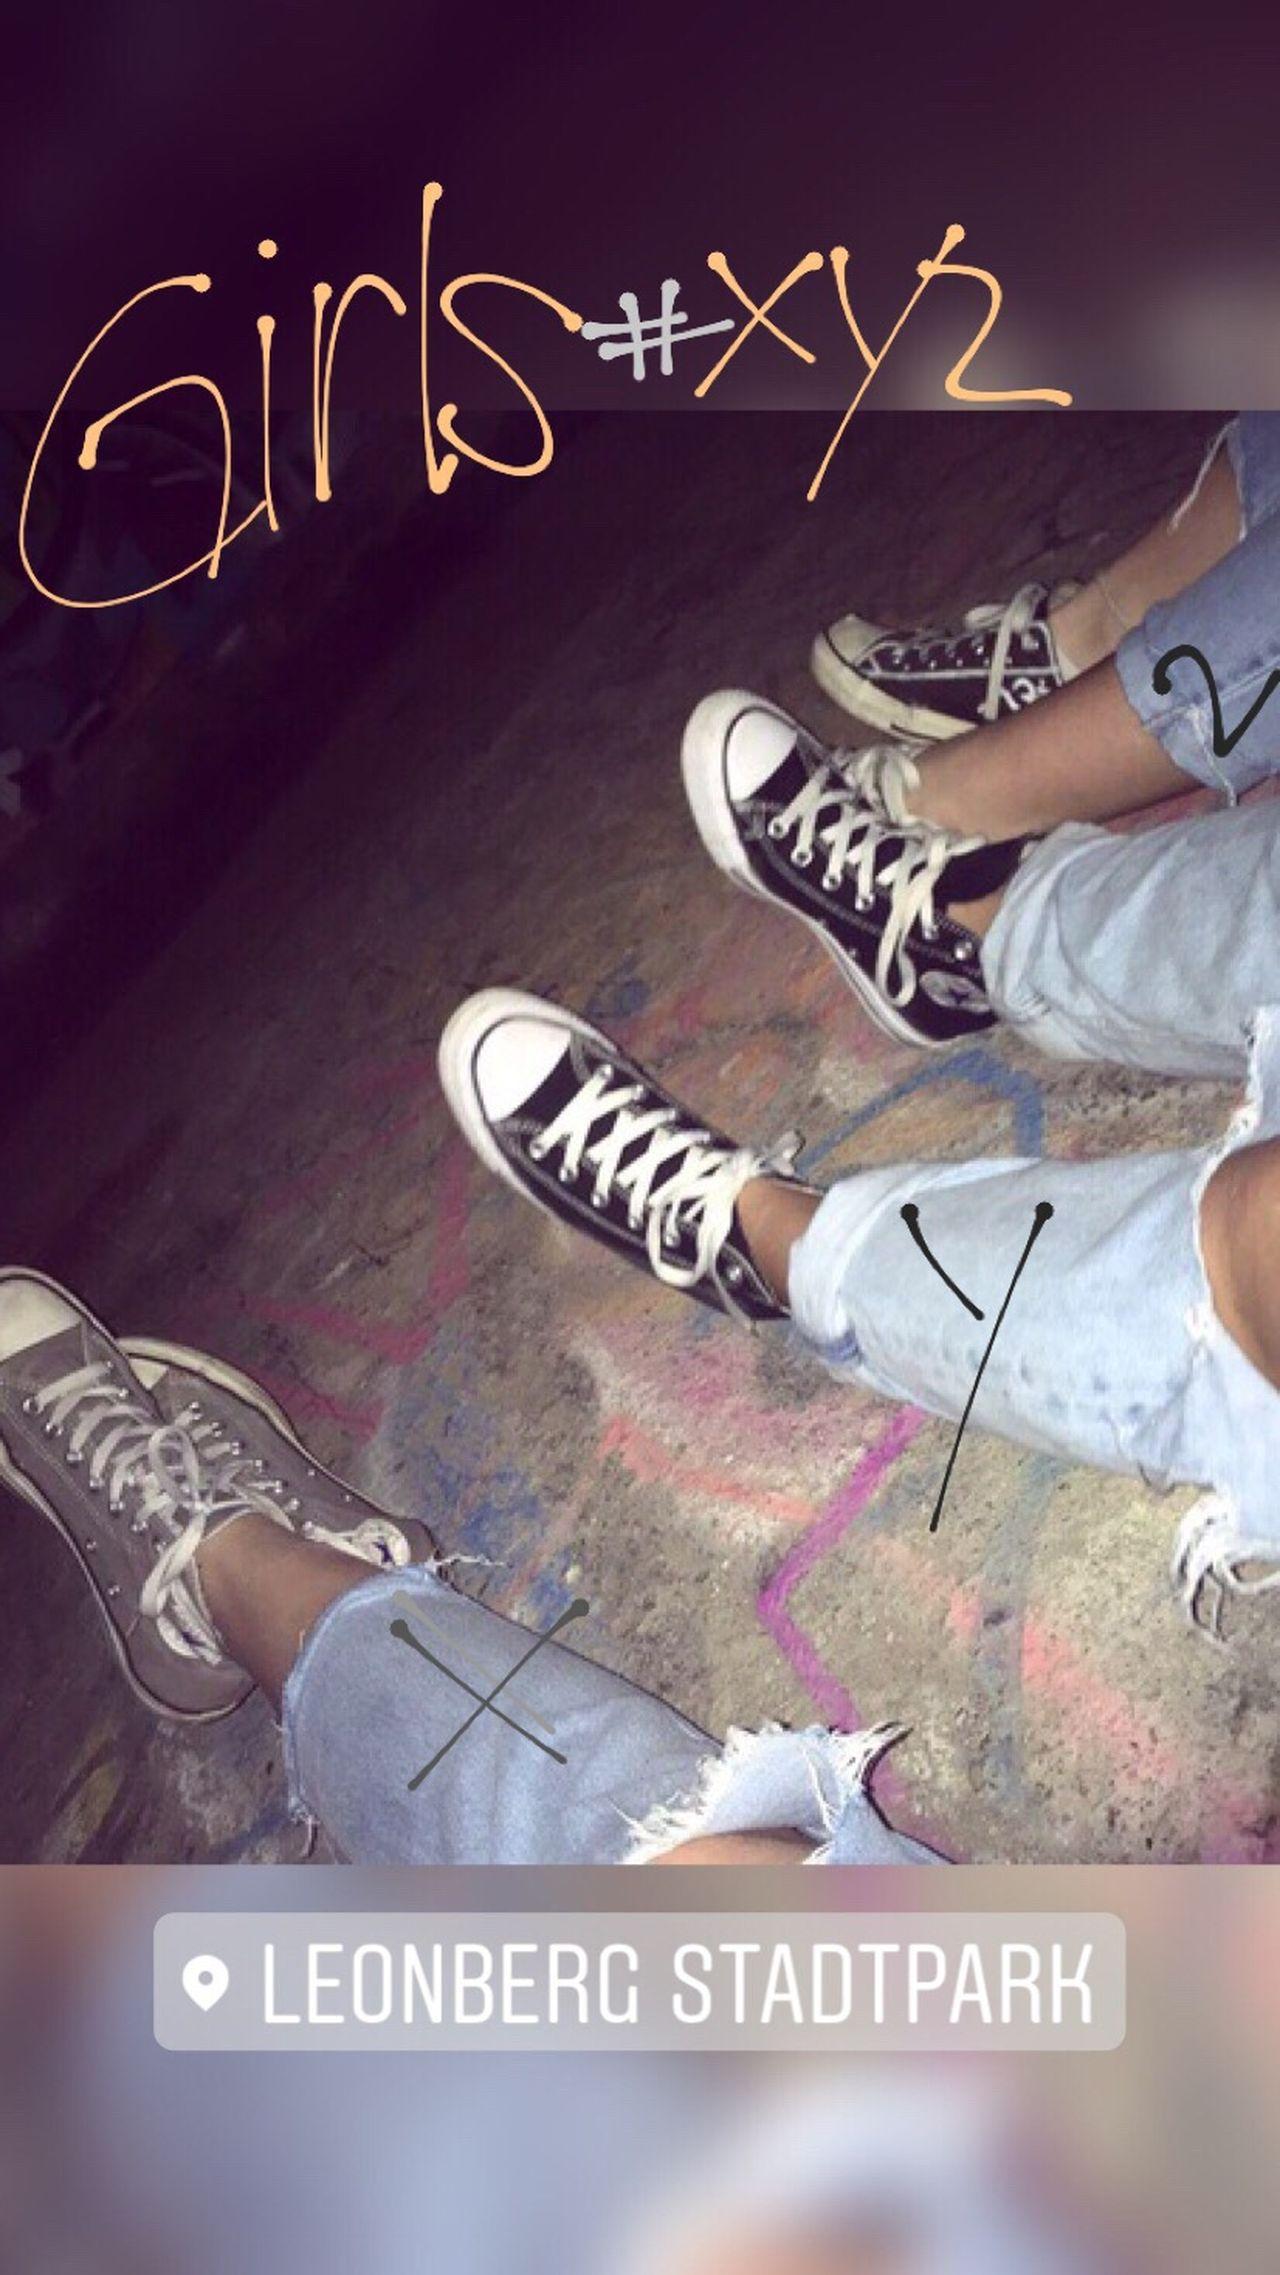 Yesterday. Saturdaynight Girls Xyz Yseacn Leonberger